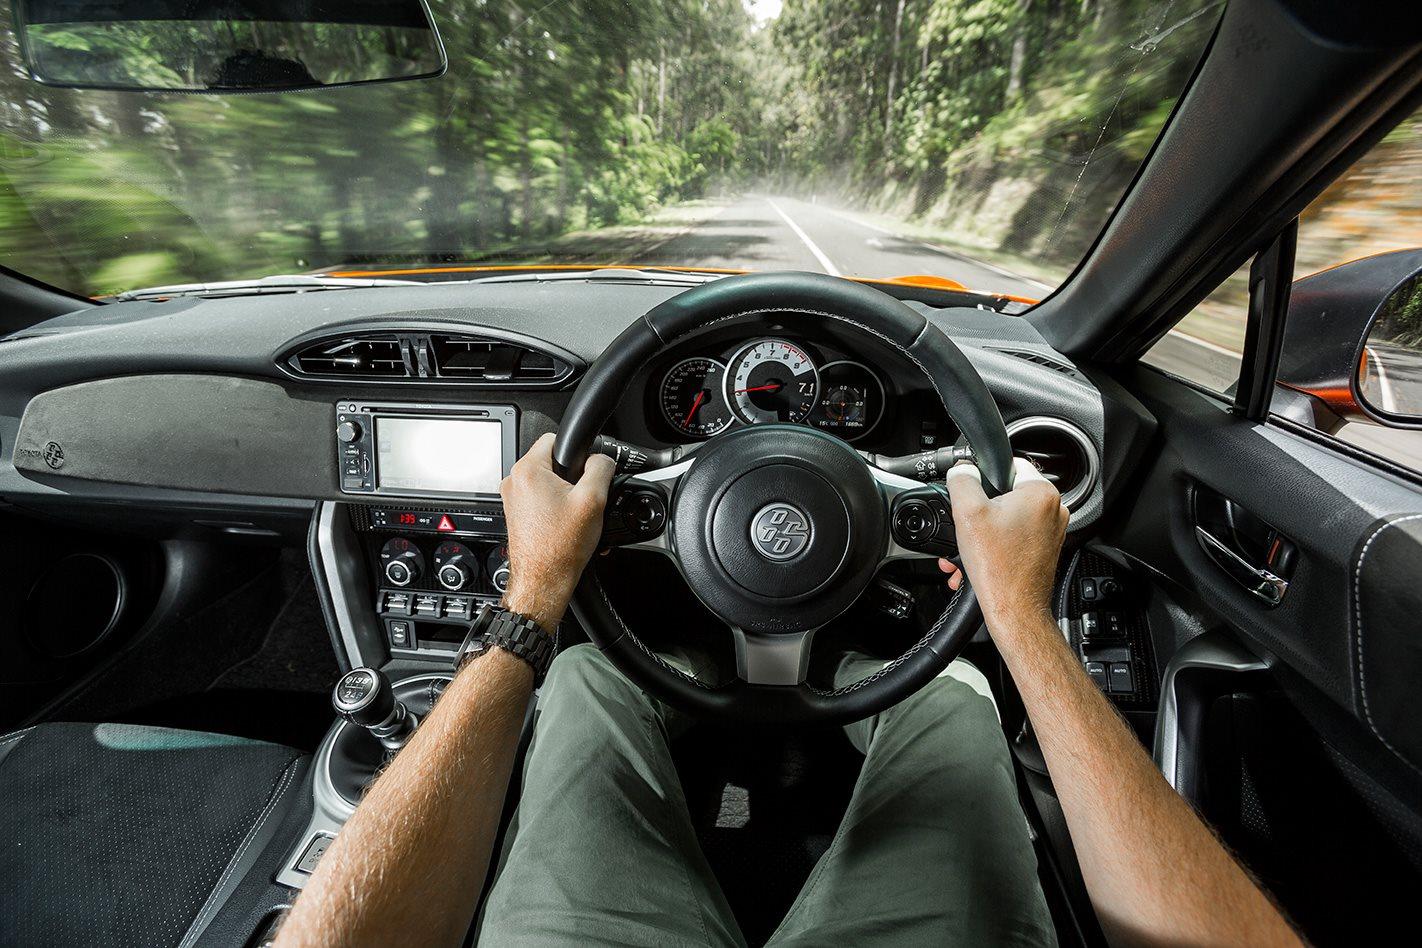 2017 Toyota 86 steering wheel.jpg